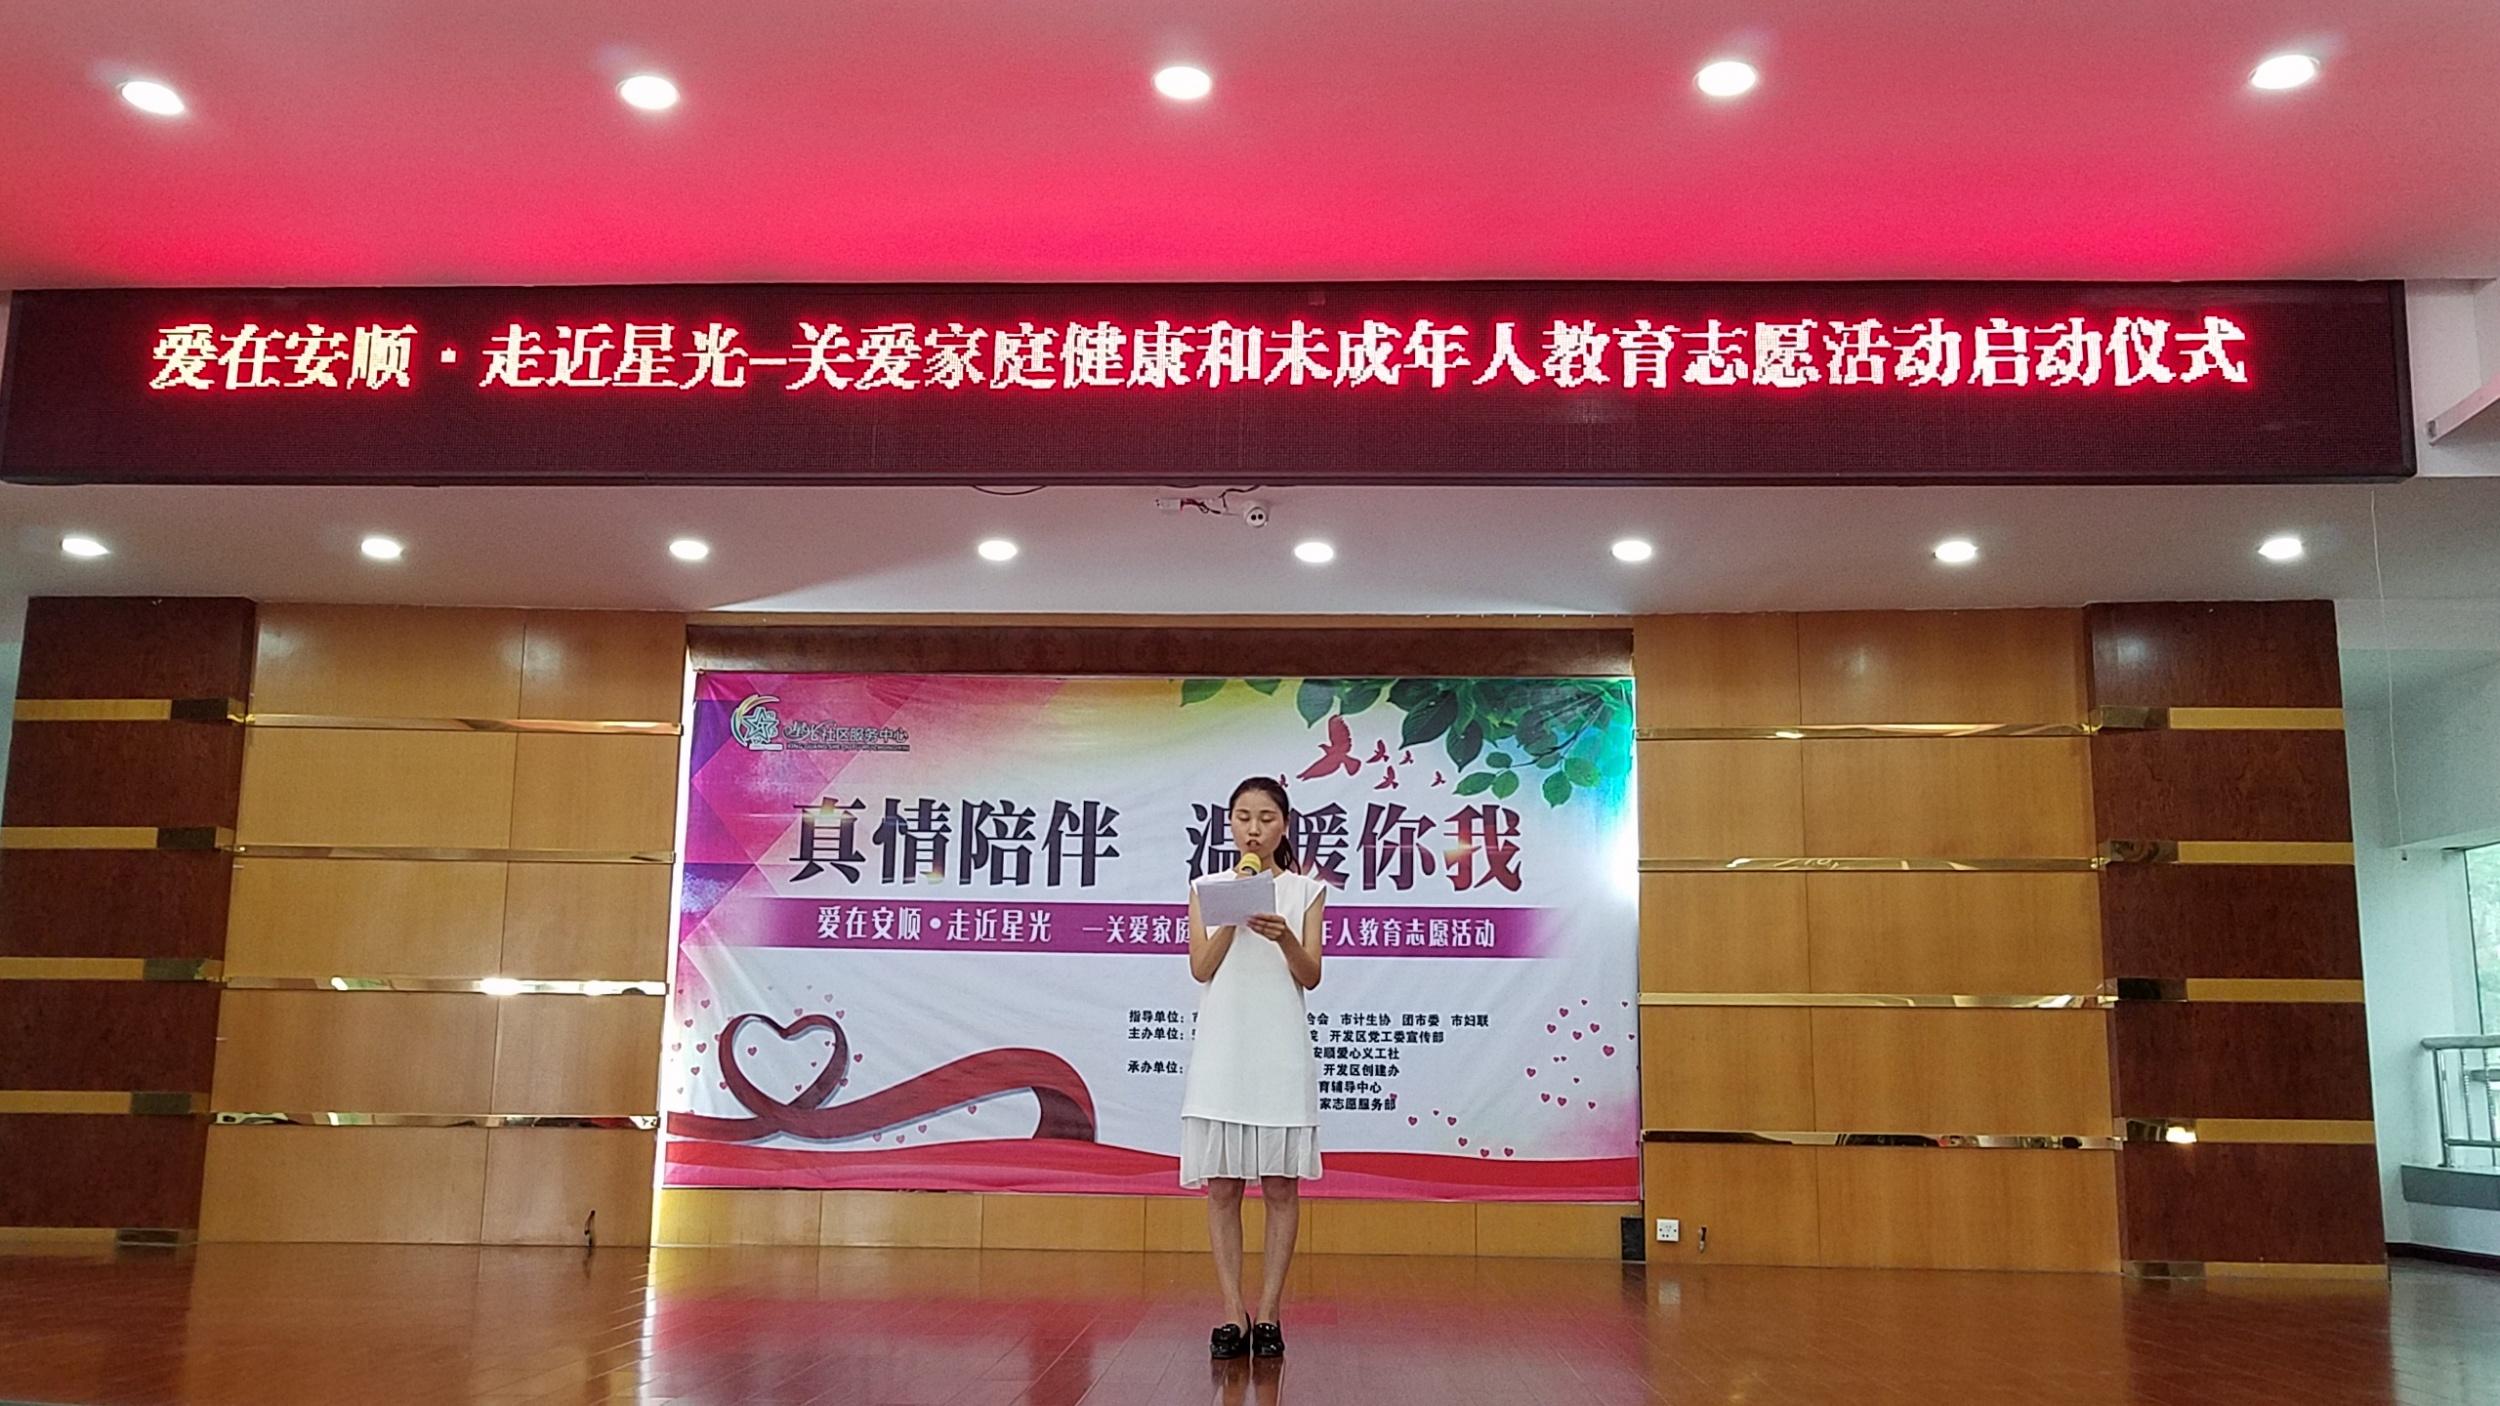 未成年教育志愿活动(陈发琳 市爱心义工社)